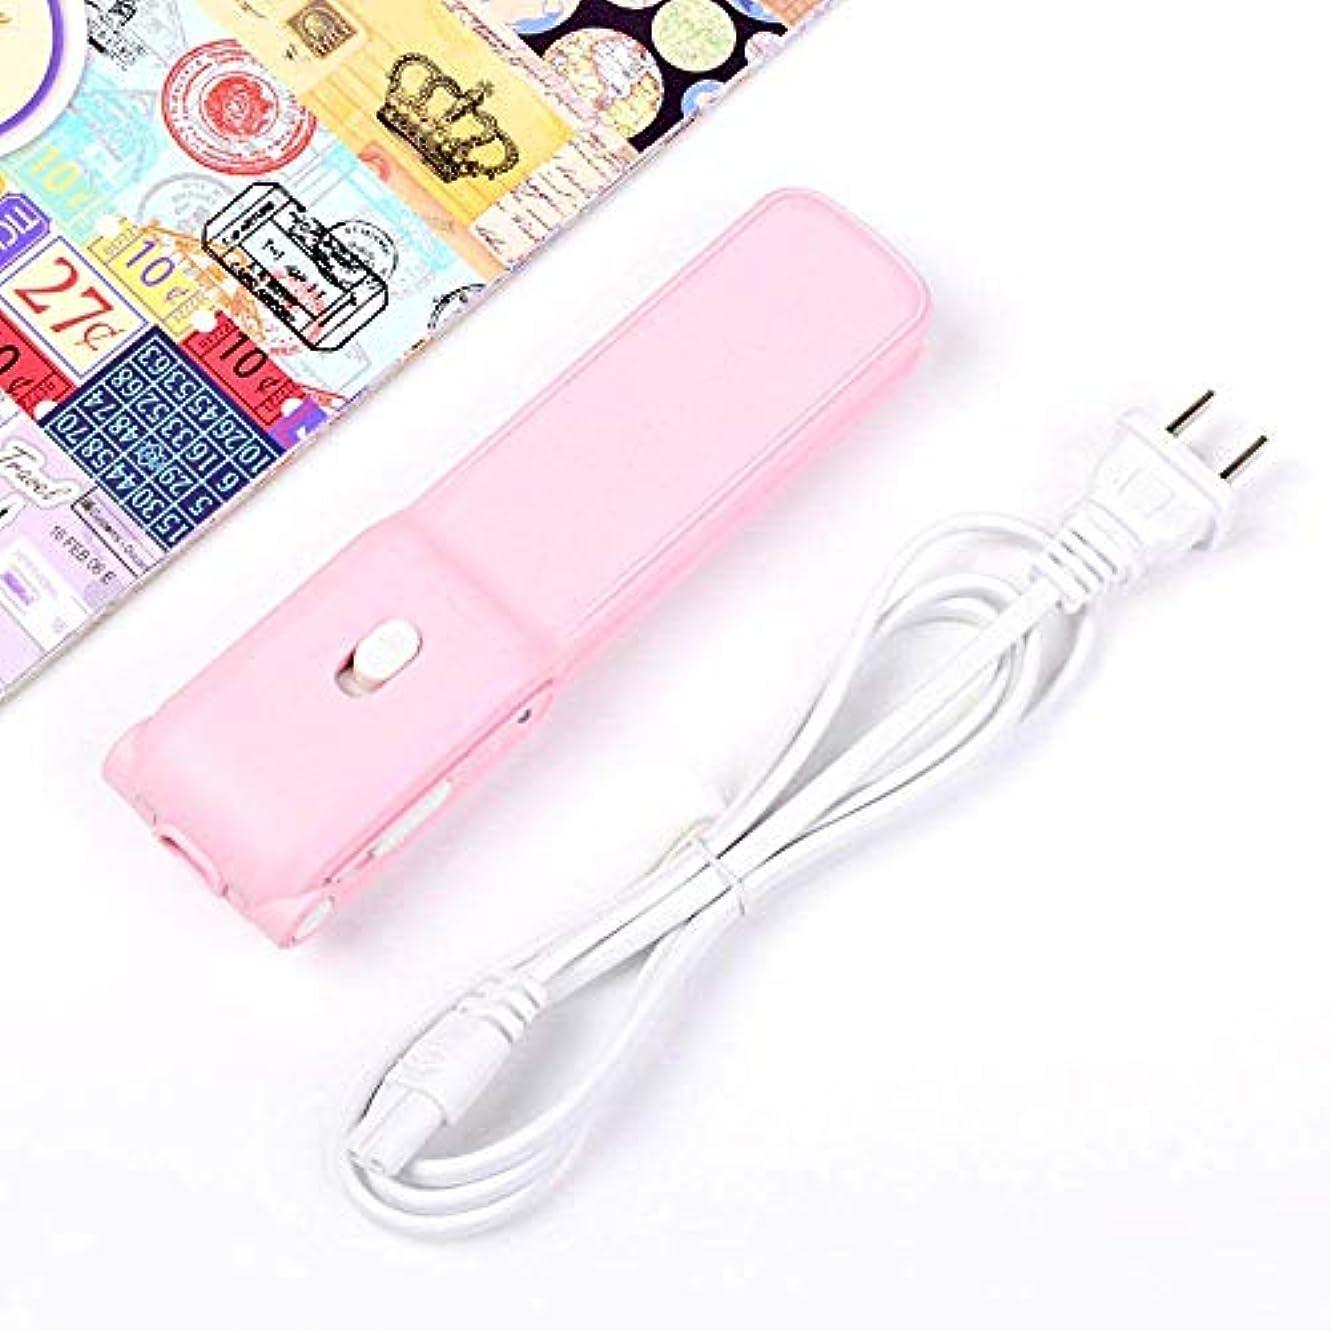 相談する質量批判的ストレートヘアアイロン/カーラー クリエイティブかわいいミニウェットとドライの広いプレート電気スプリント (Color : Pink)